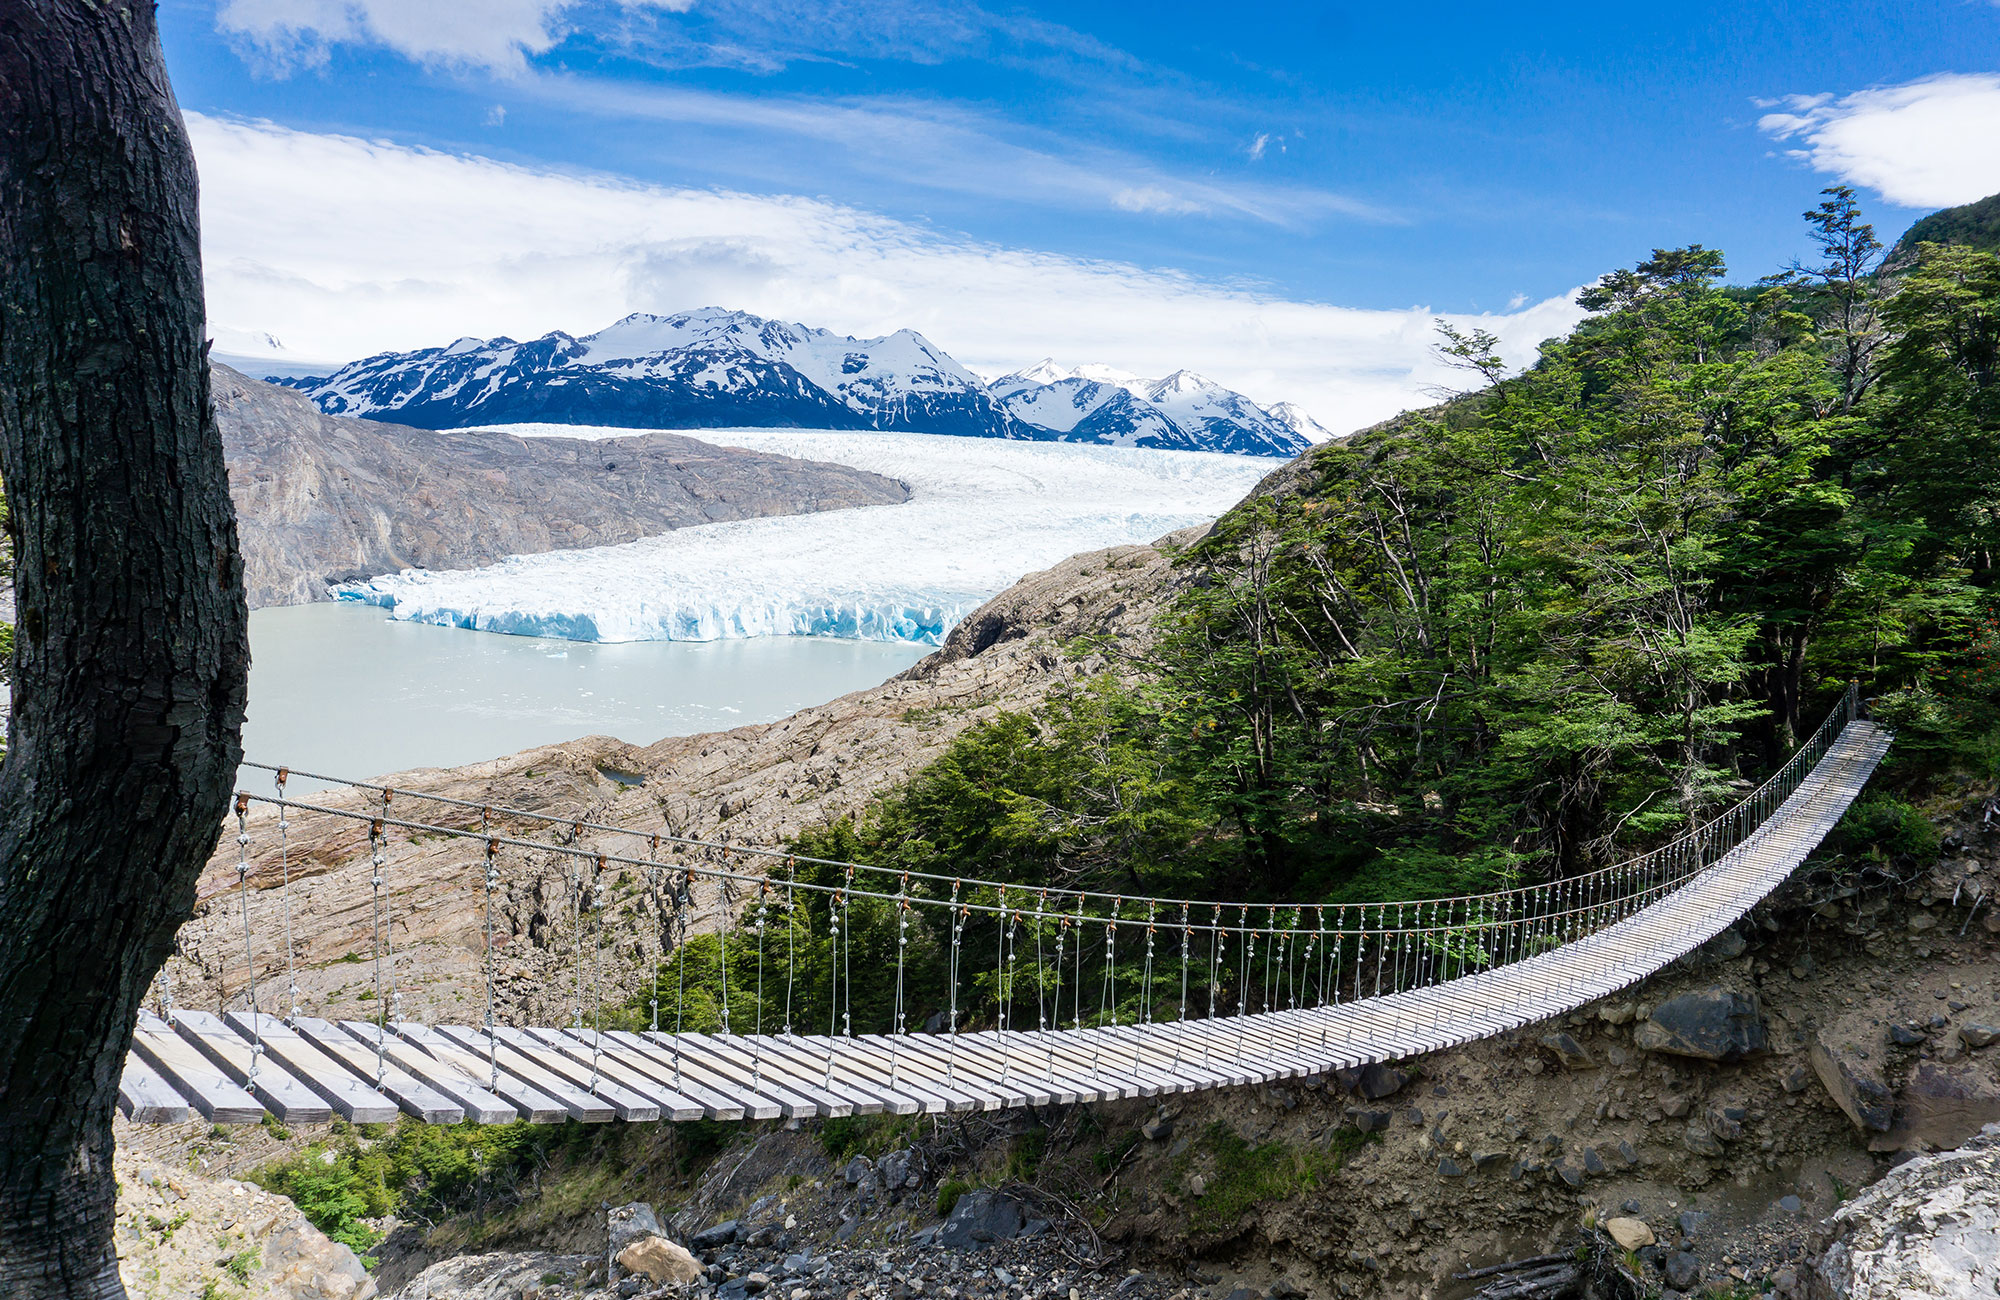 Voyage Chili Patagonie - Glacier Grey Torres del Paine - Amplitudes